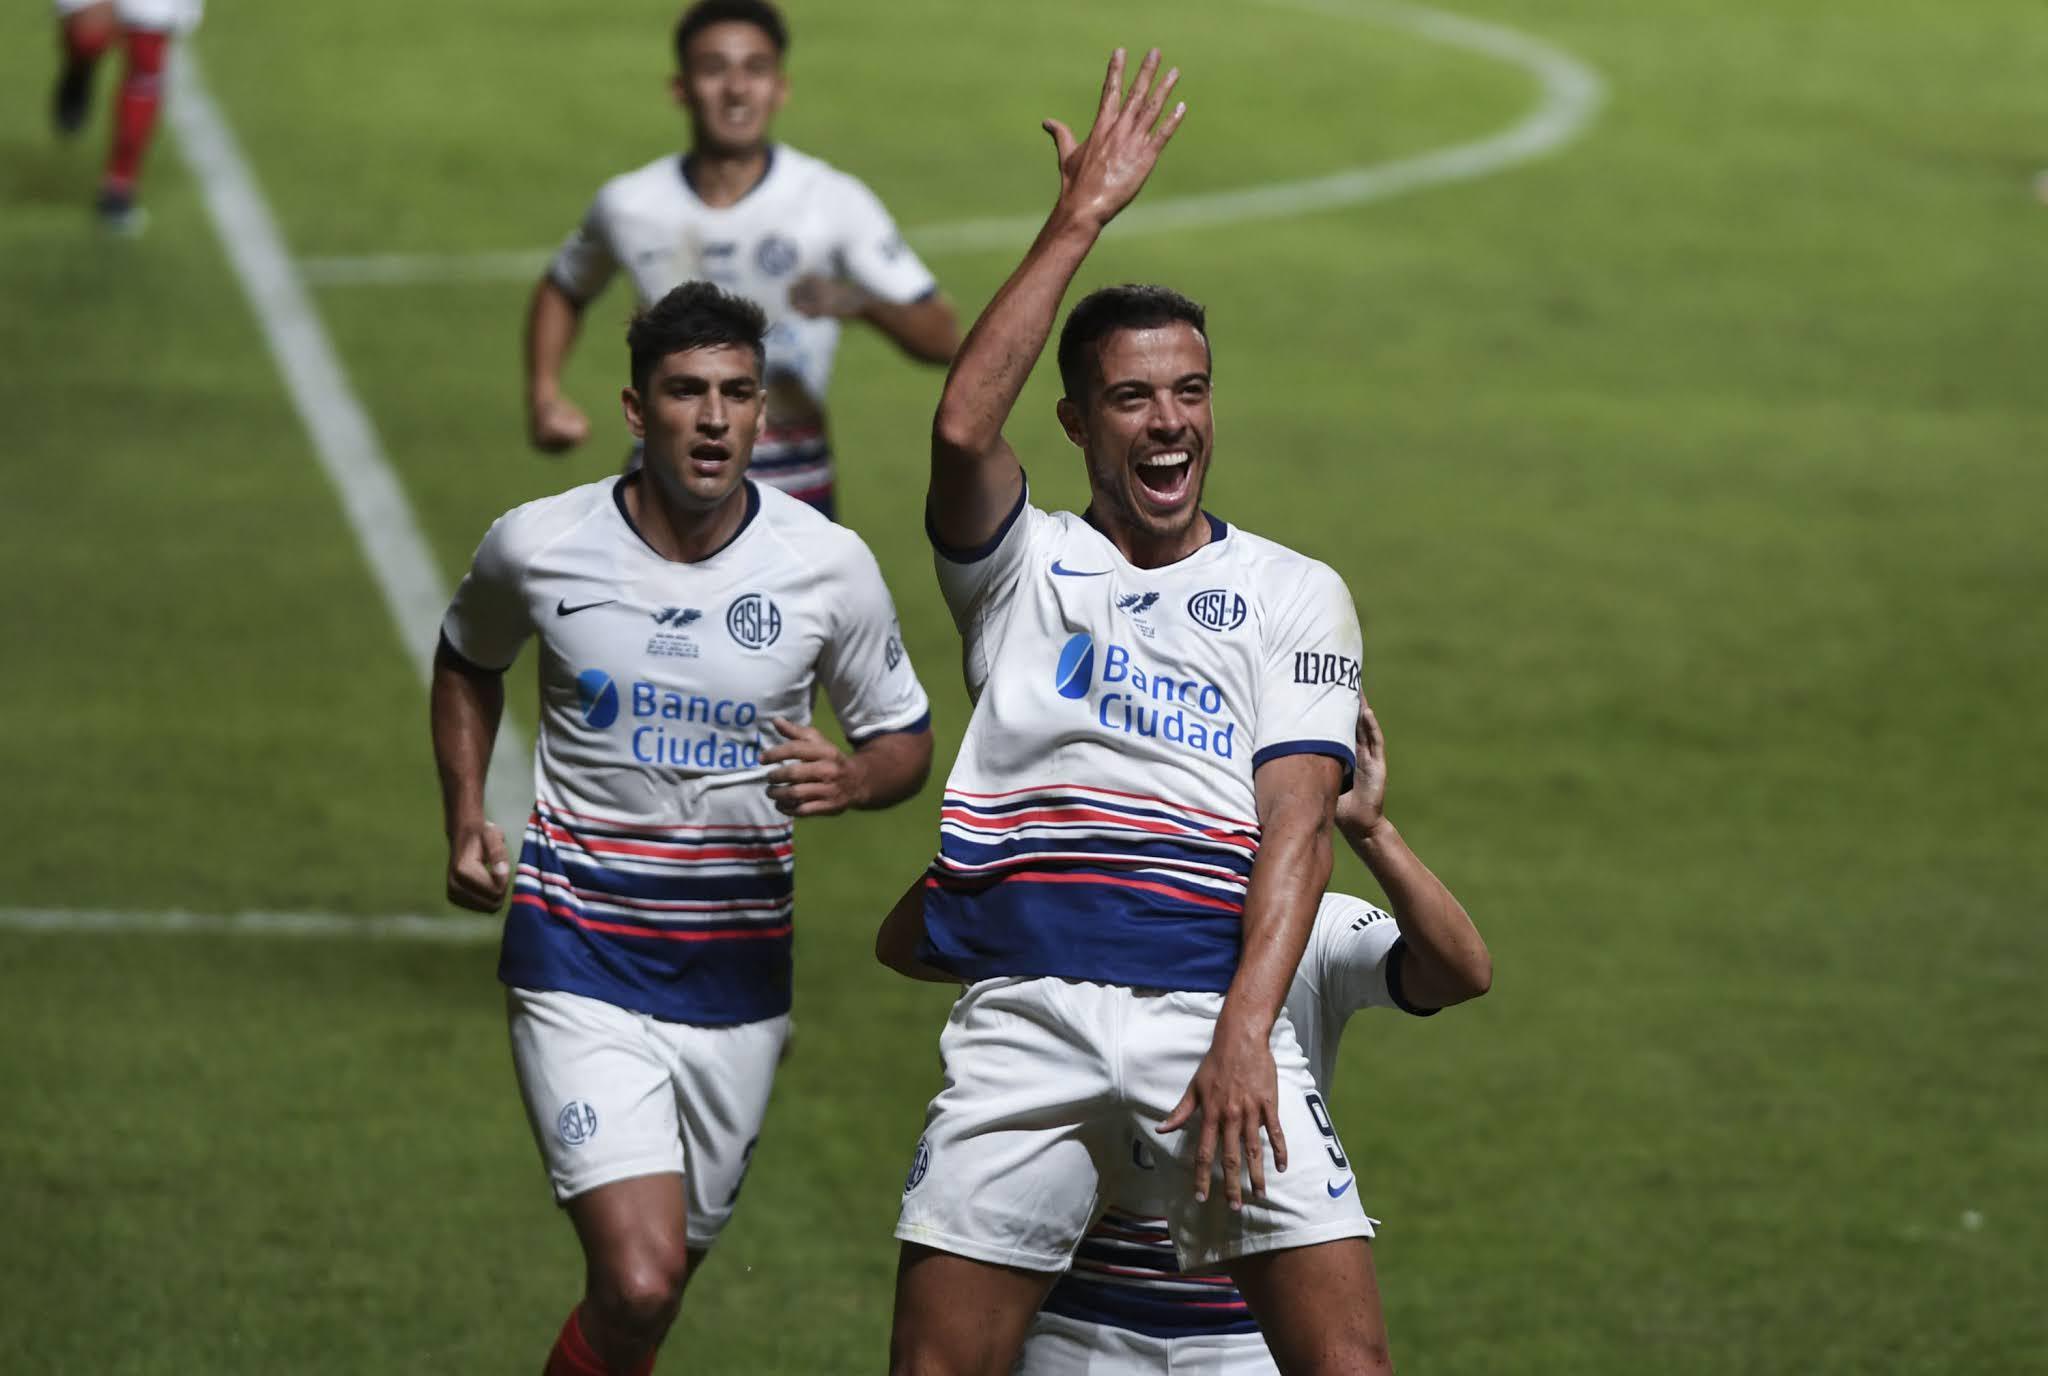 San Lorenzo superó a Rosario Central y sumó su segundo triunfo consecutivo en la Copa de la Liga